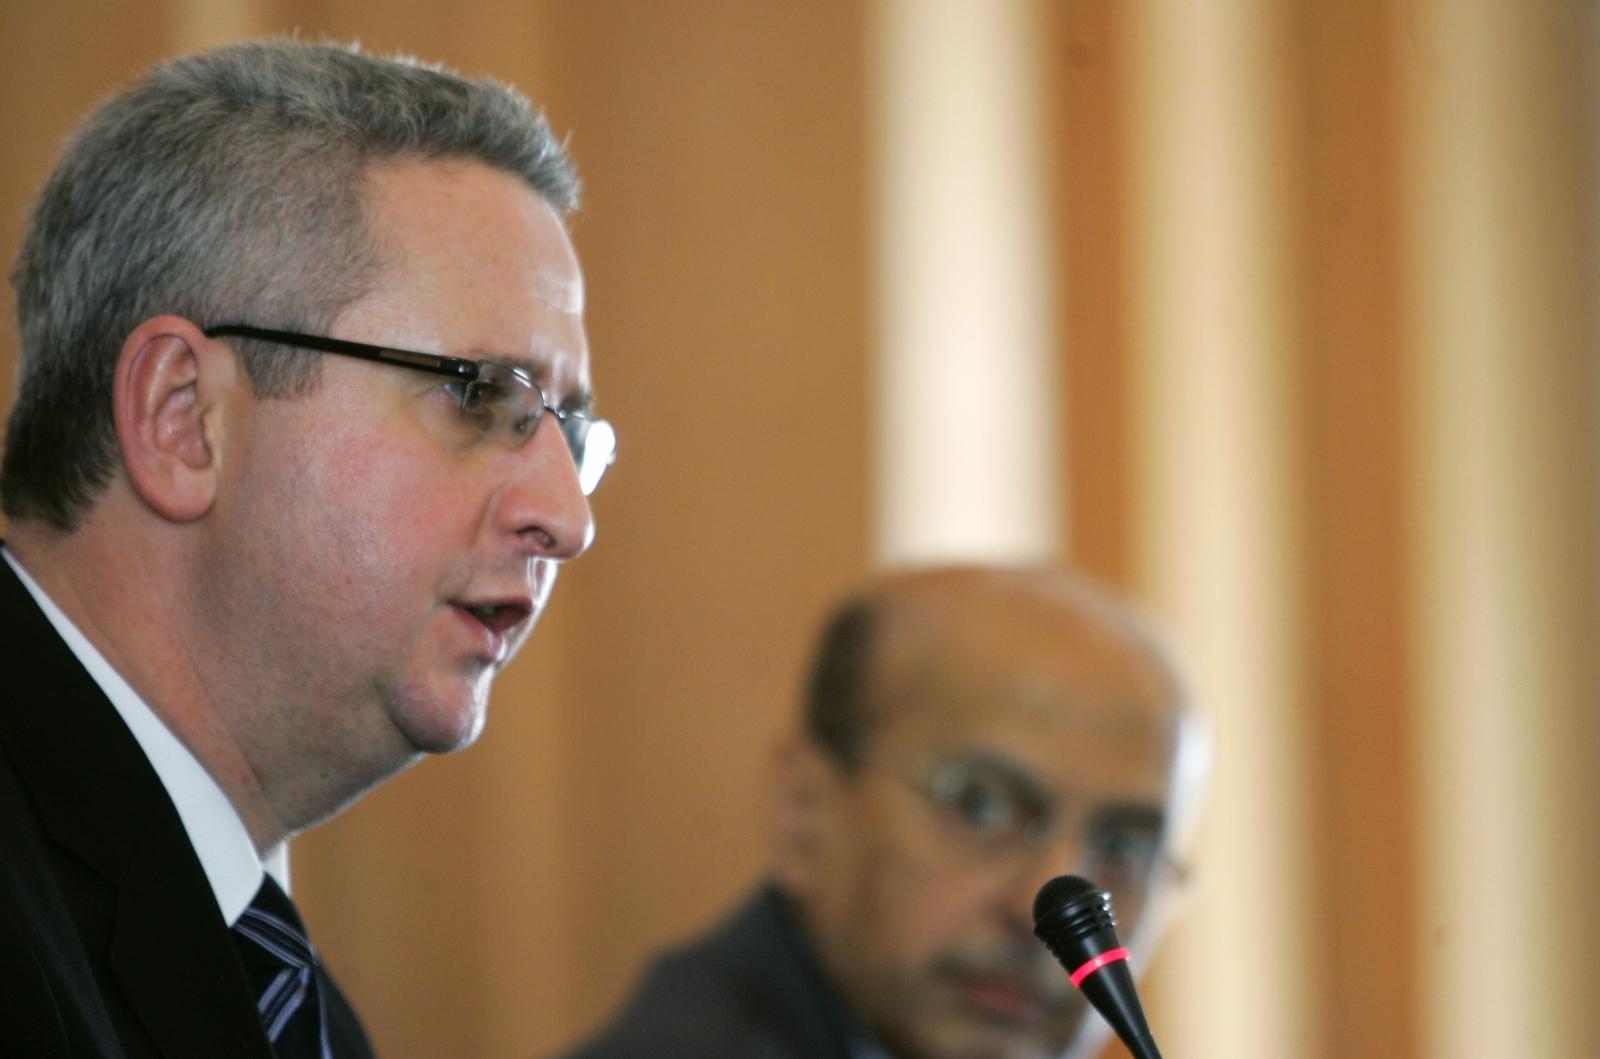 Ivan Lewis MP